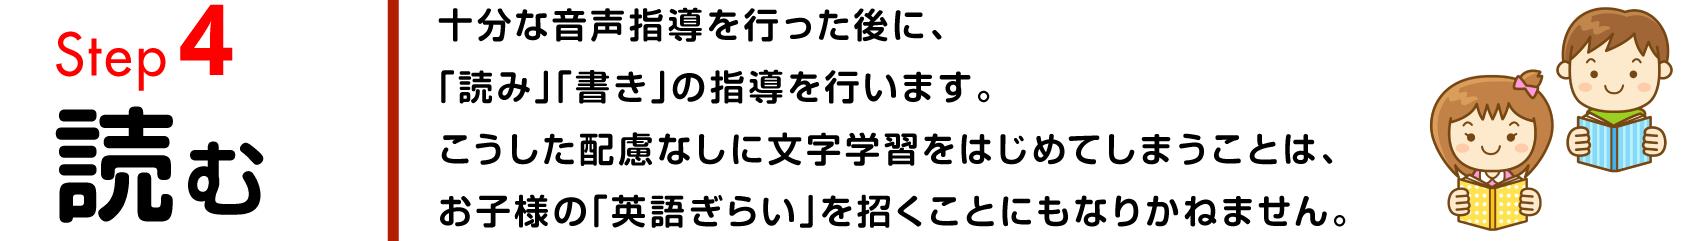 STEP4:読む